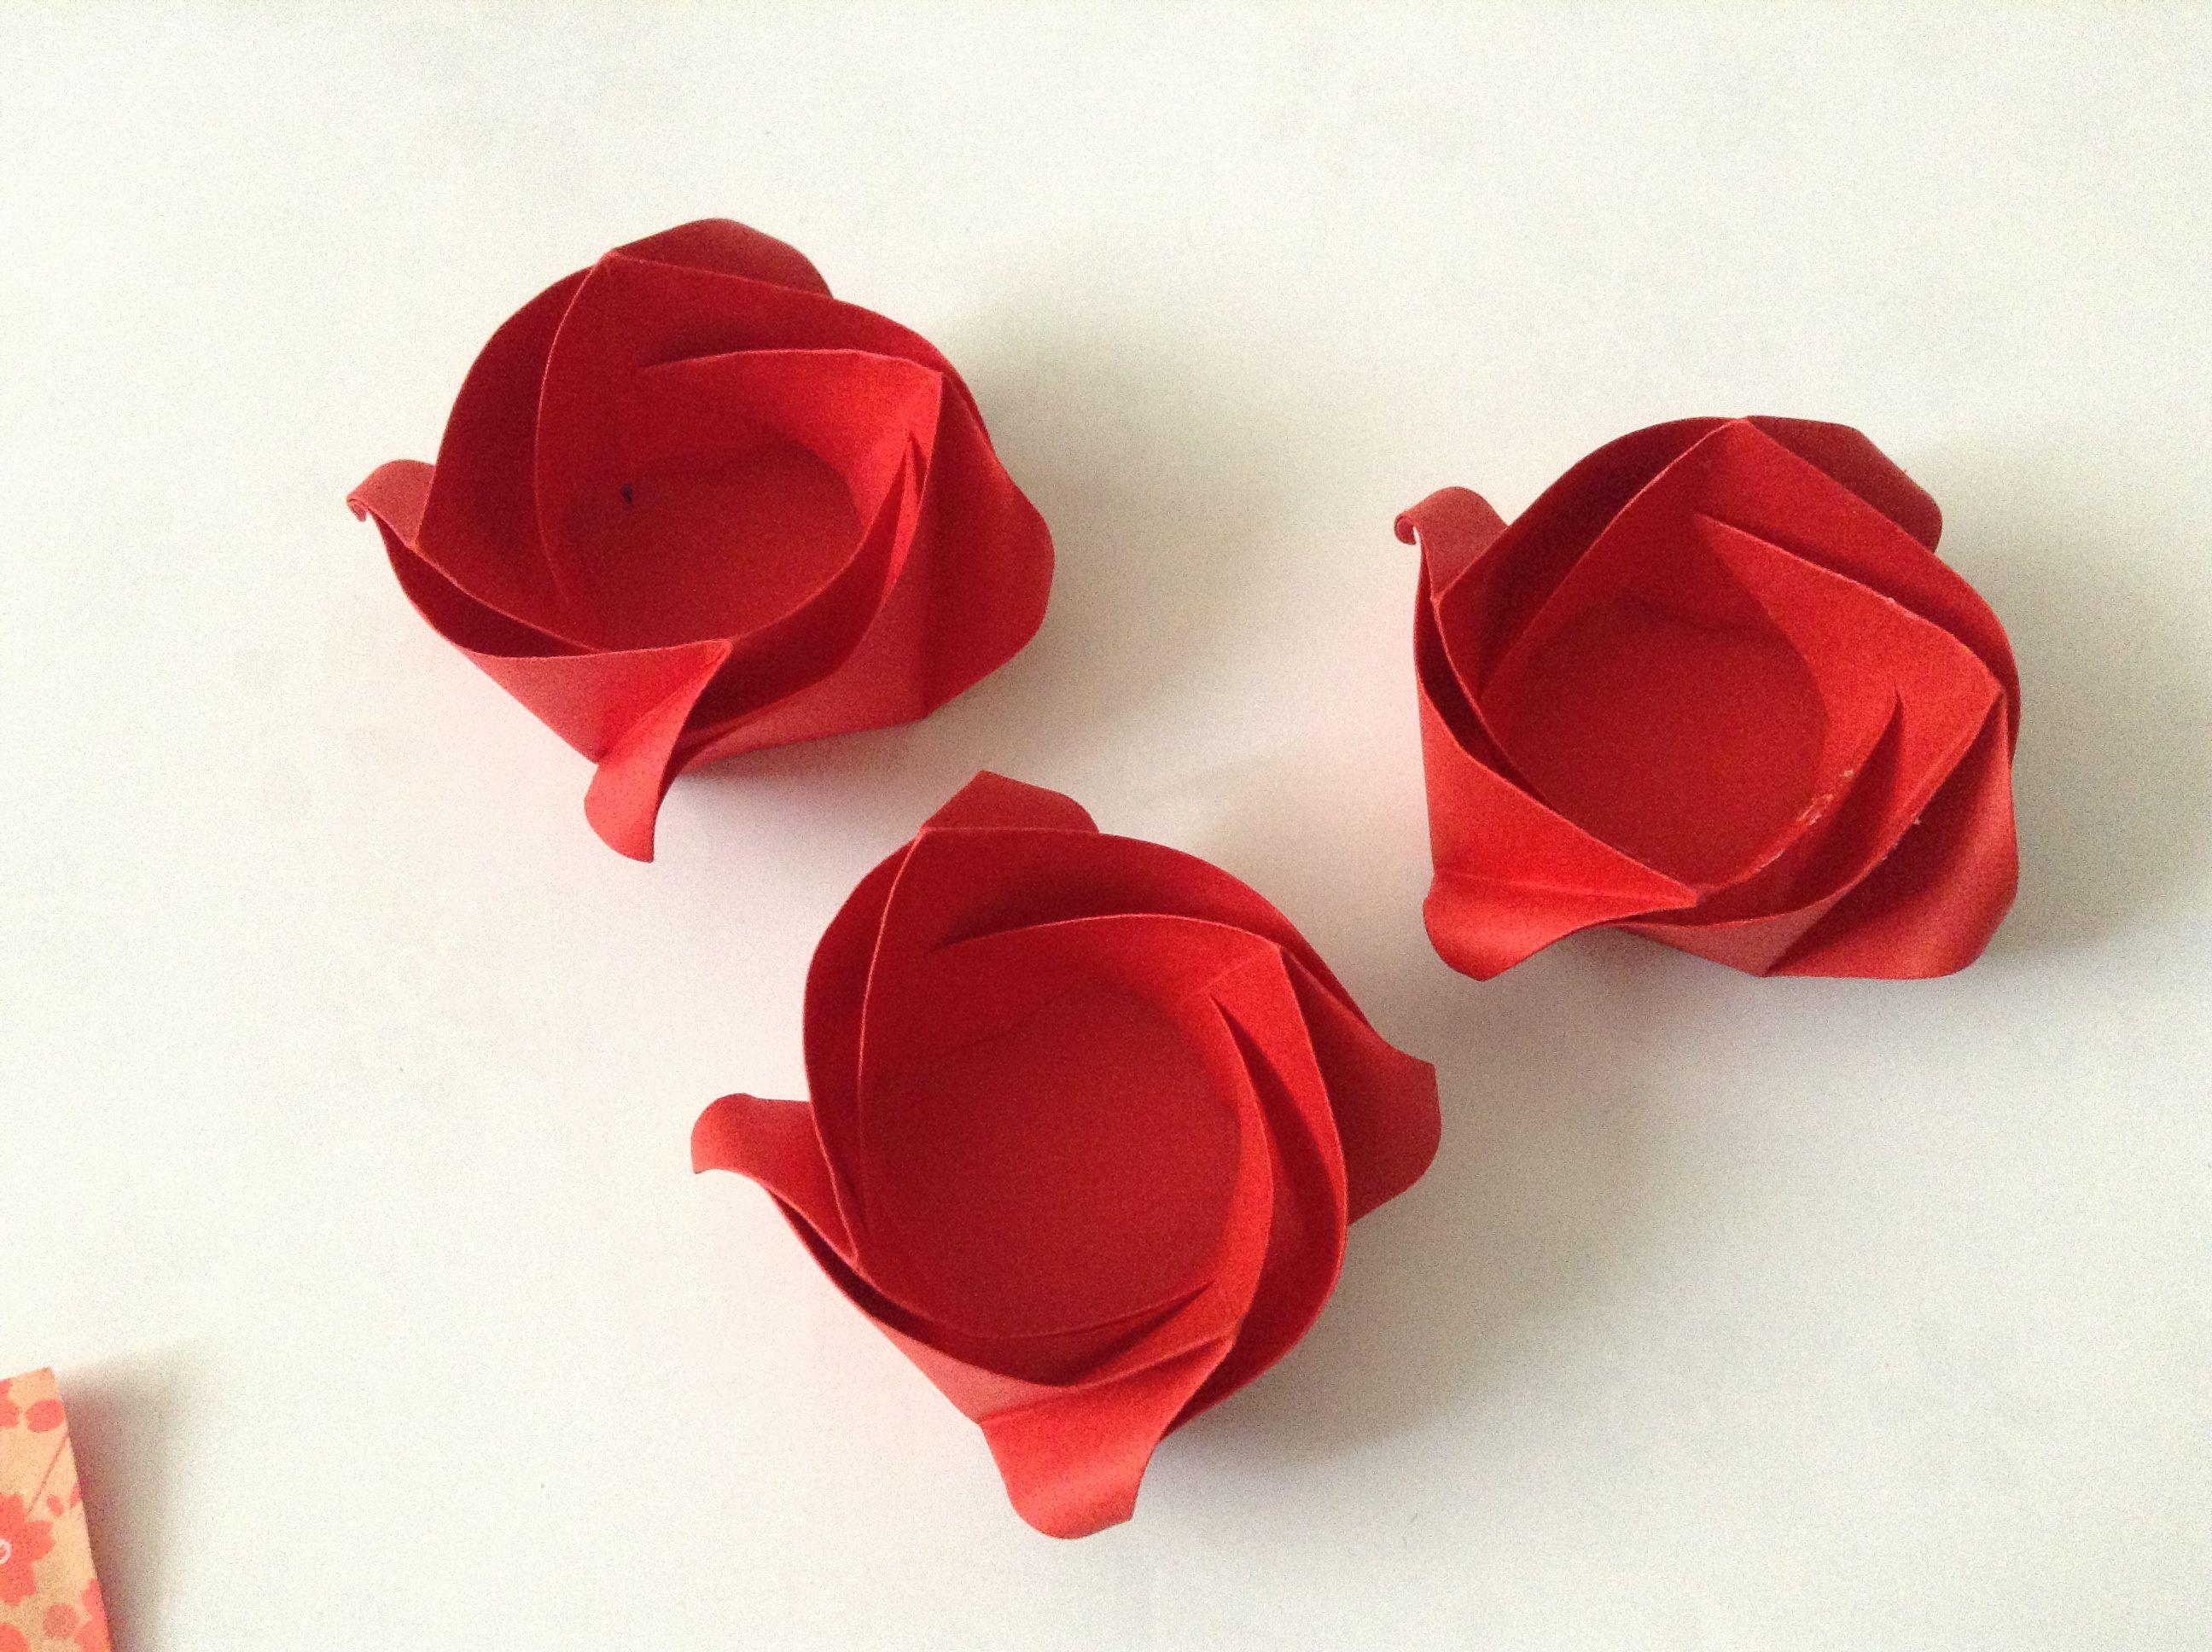 Estuche chocolate, origami rose